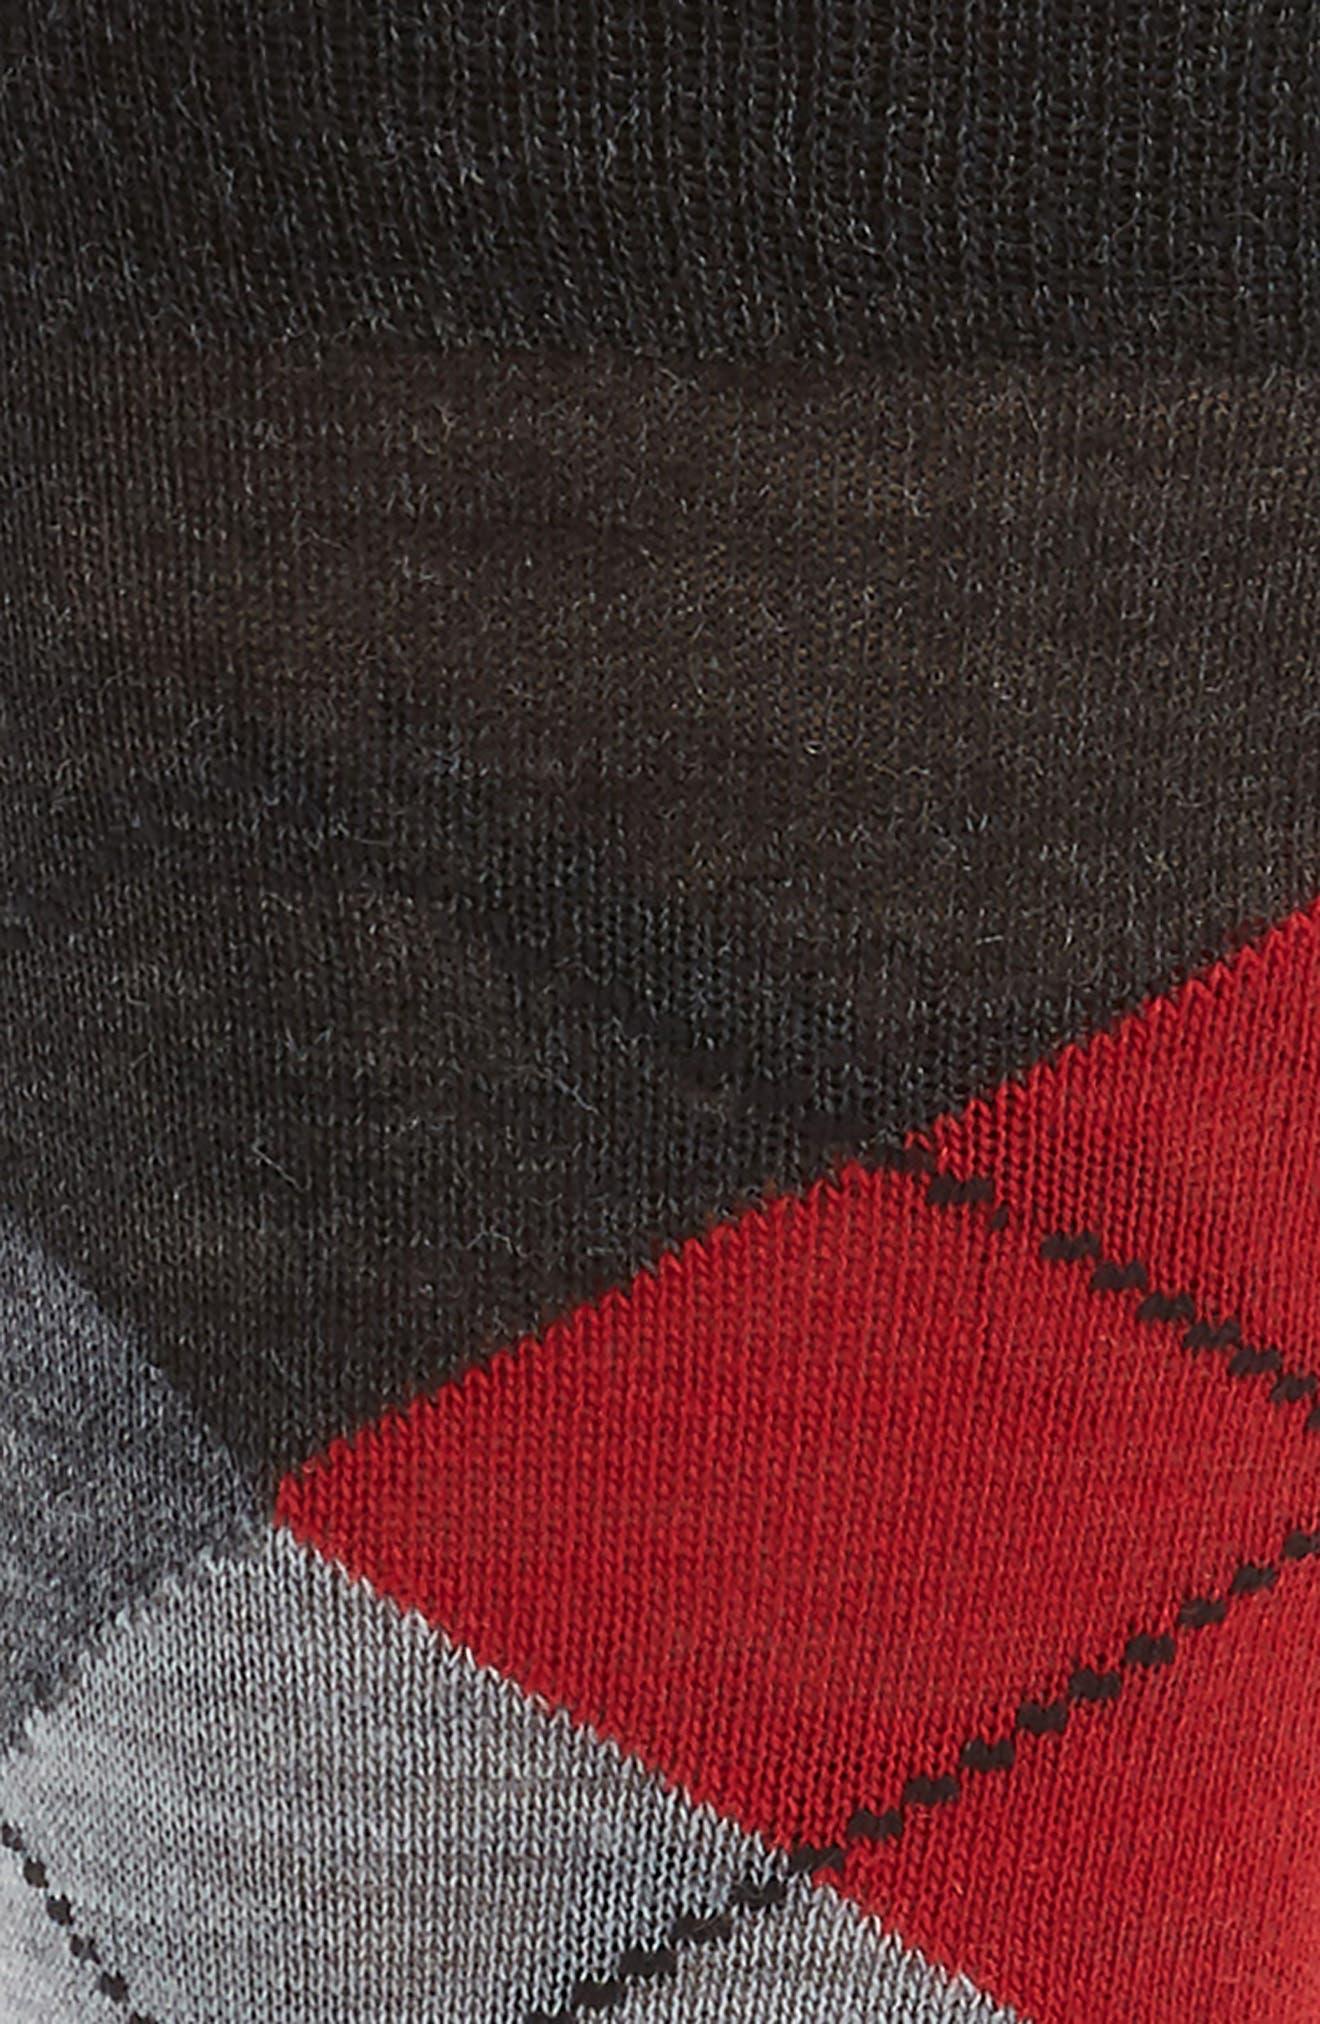 Argyle Socks,                             Alternate thumbnail 2, color,                             020